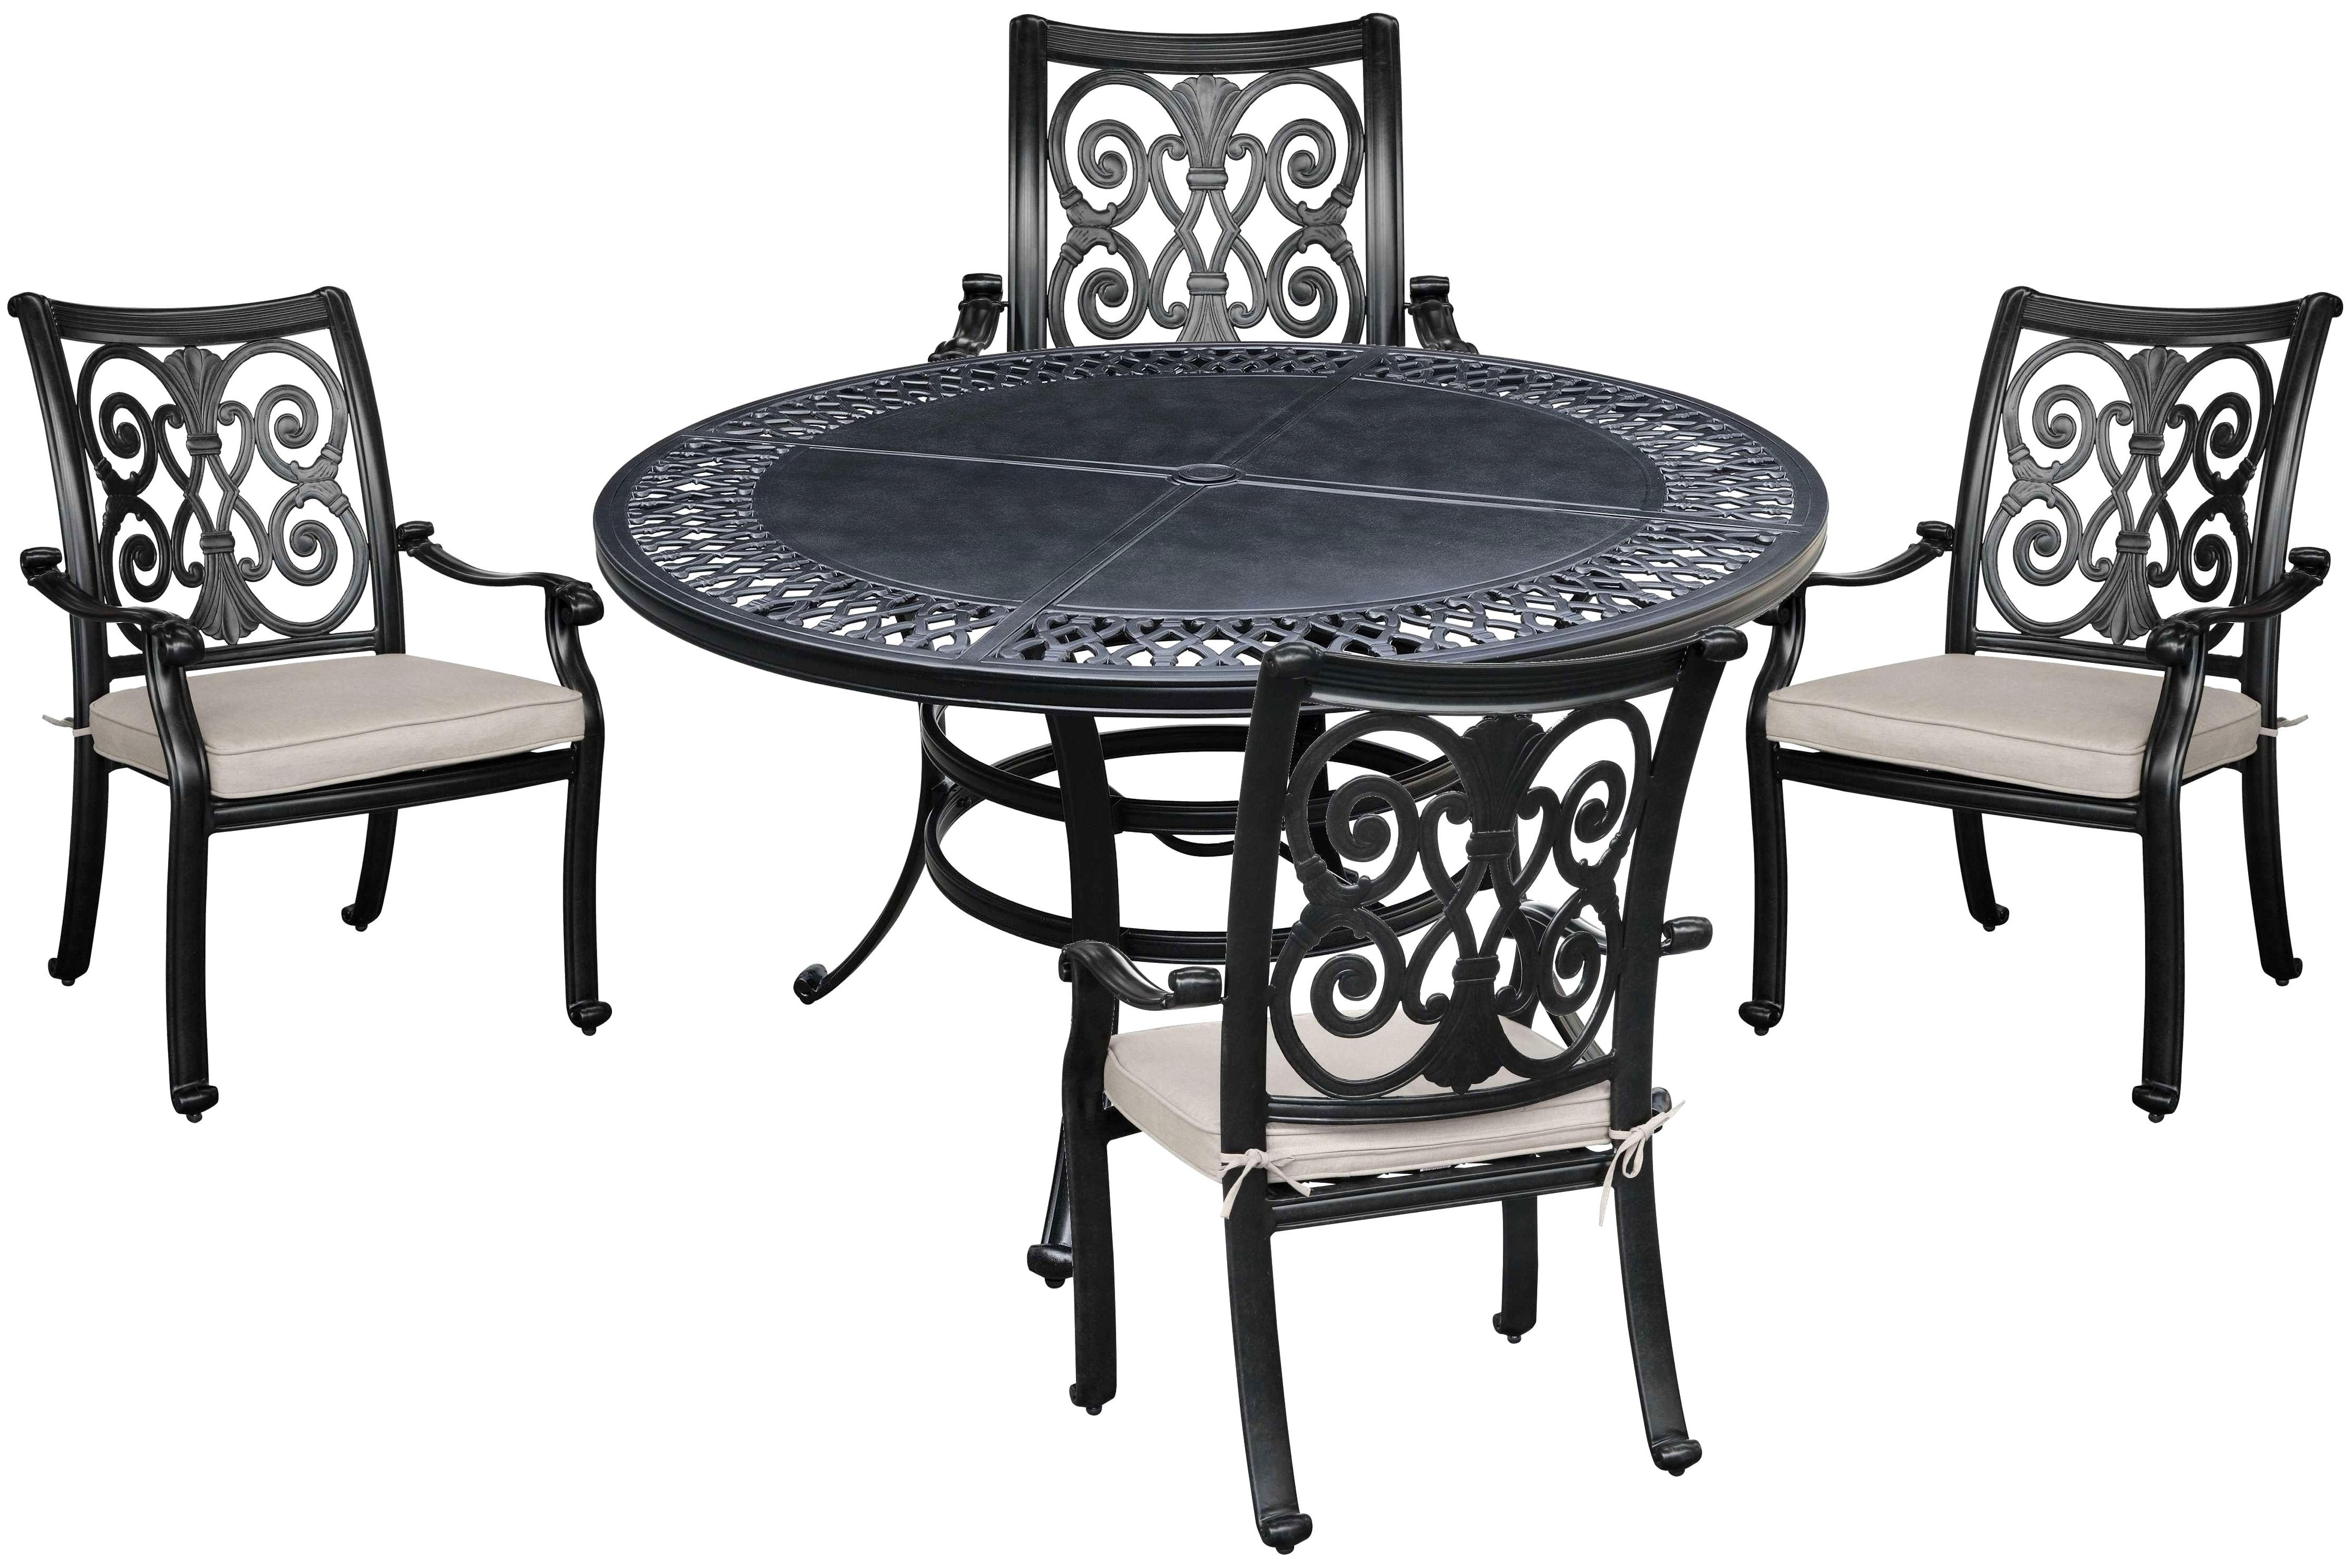 Outdoor Furniture Austin Best Of Kirkland Patio Furniture Furniture With Preferred Kirkland Patio Umbrellas (View 15 of 20)